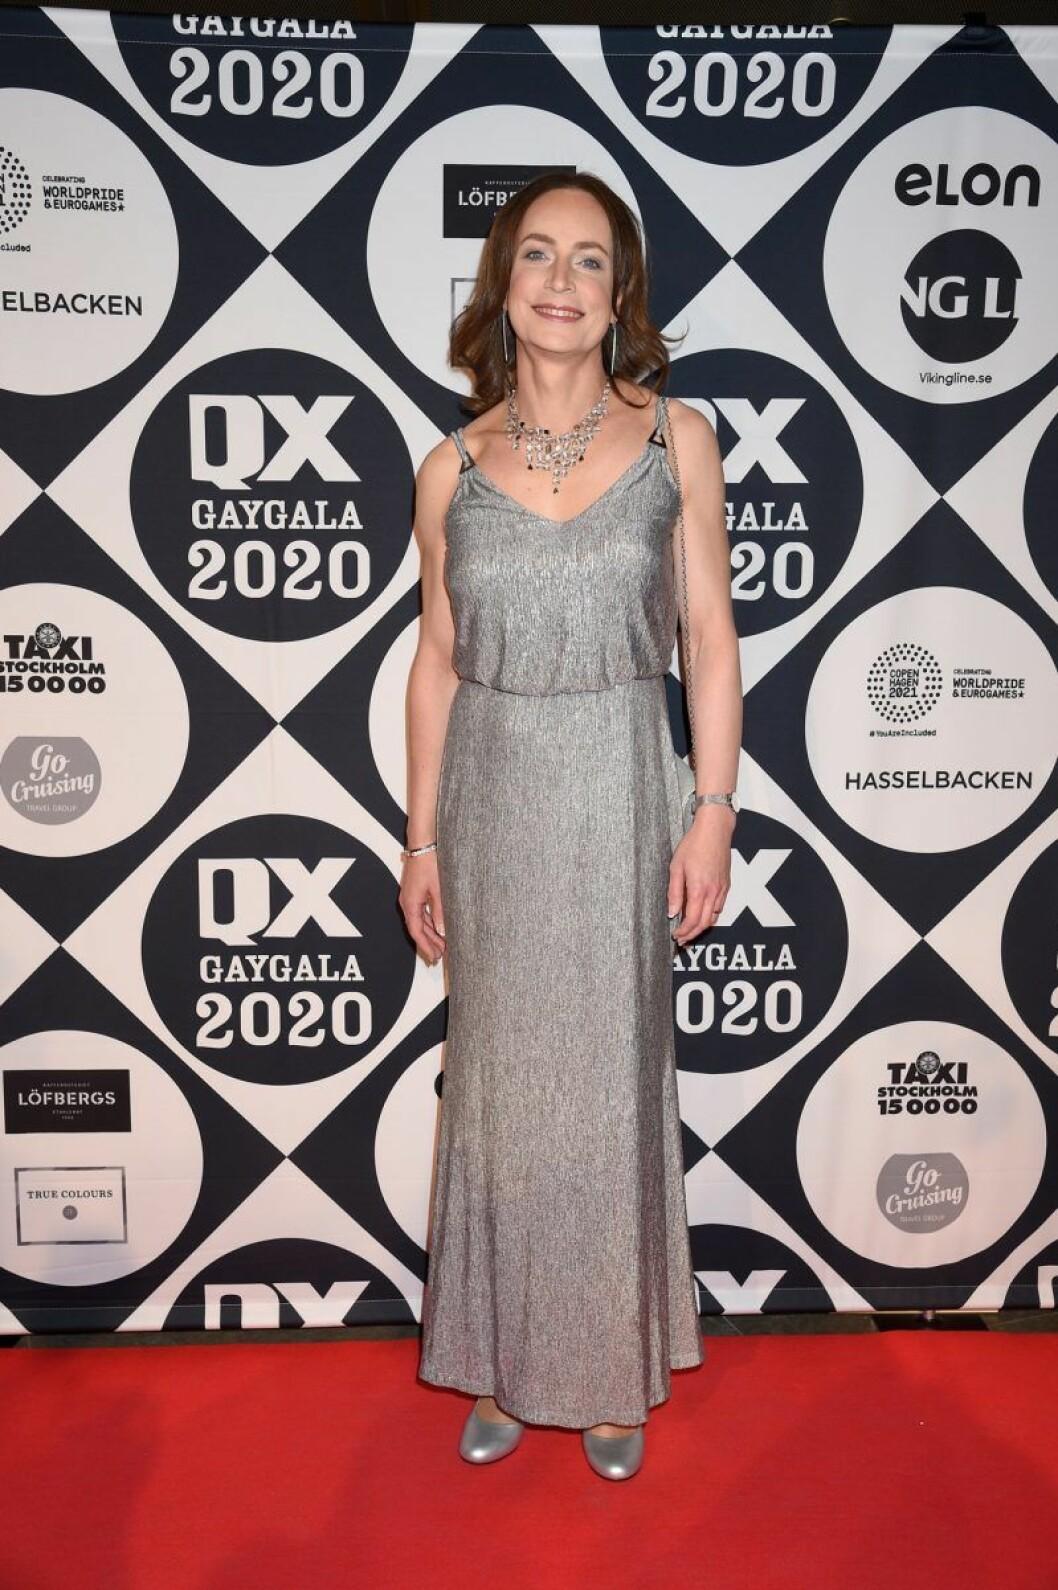 Caroline Farberger på röda mattan på QX-galan 2020